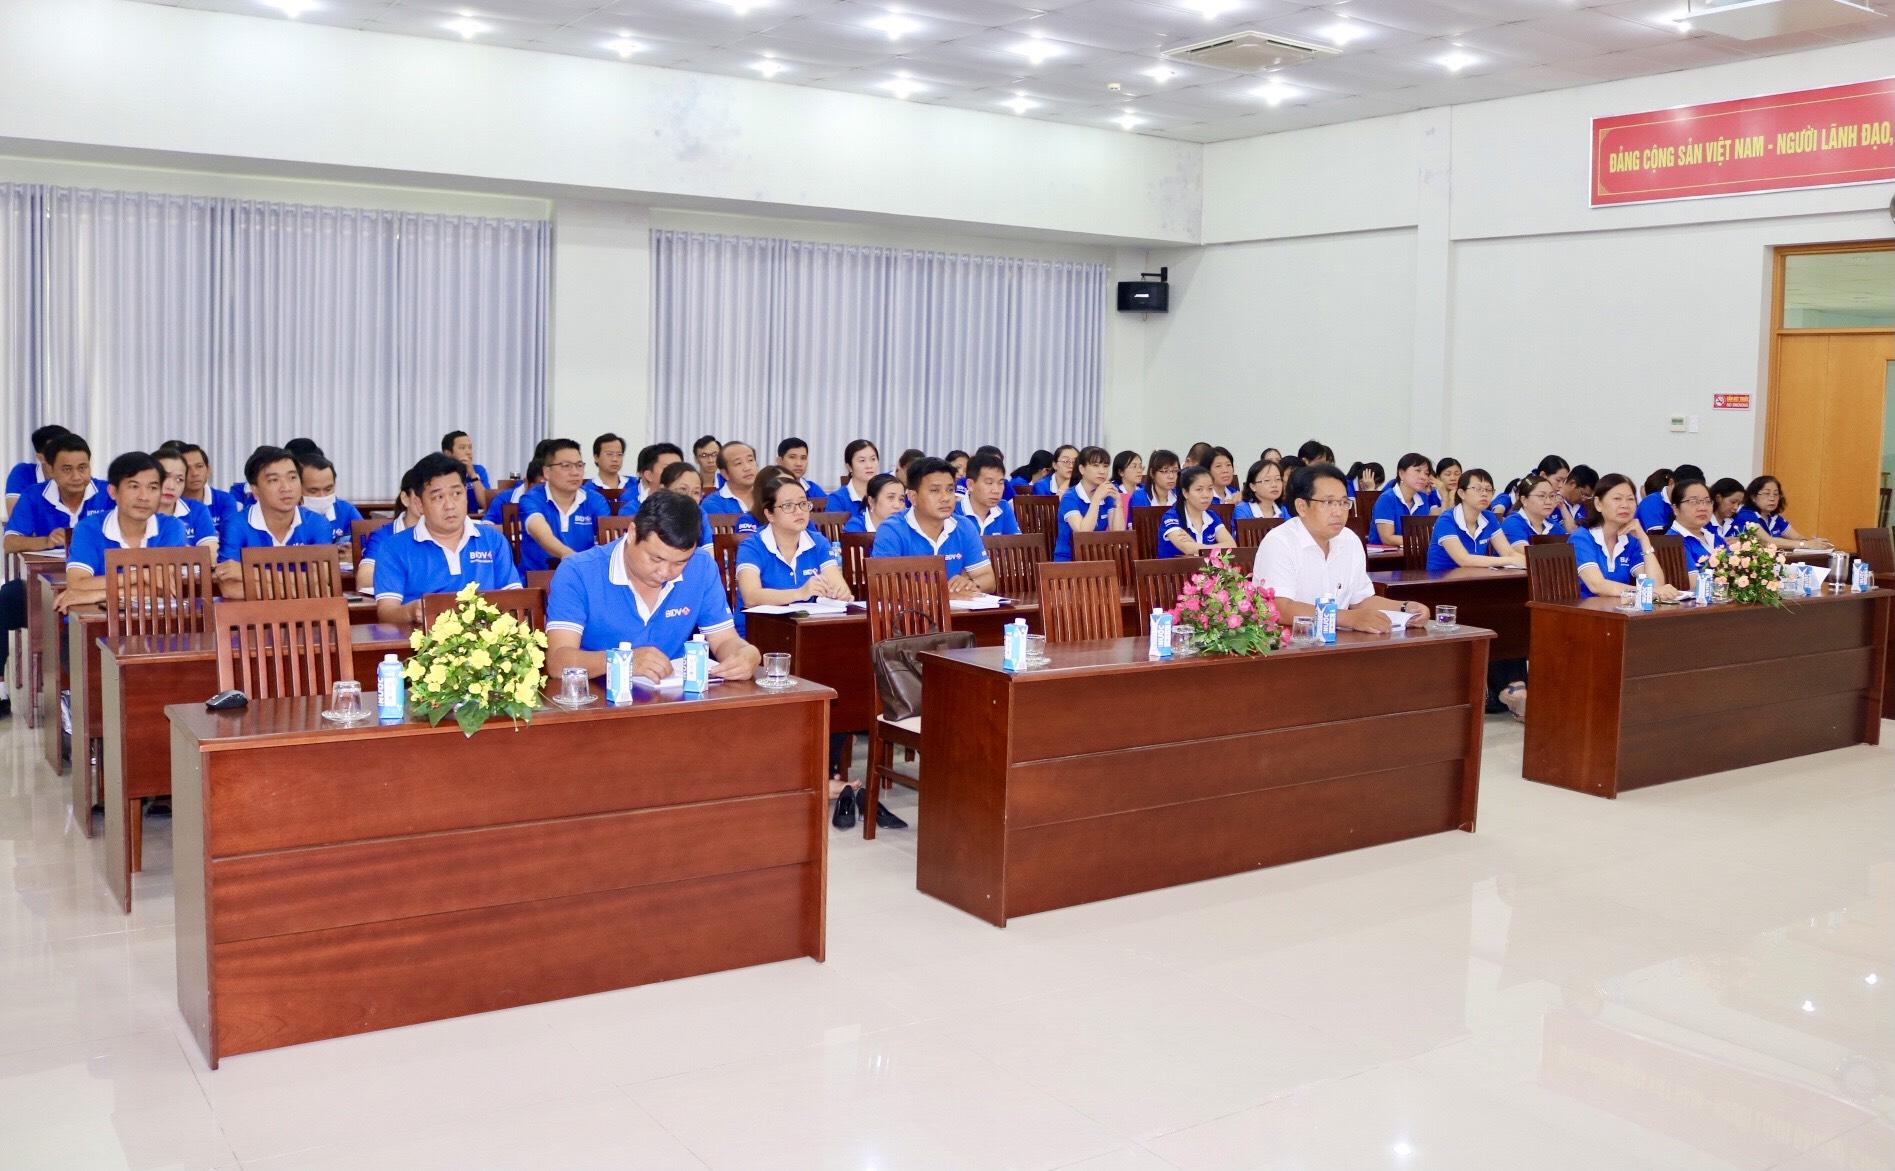 Đảng bộ BIDV Đồng Khởi triển khai, quán triệt Nghị quyết Đại hội đại biểu toàn quốc lần thứ XIII